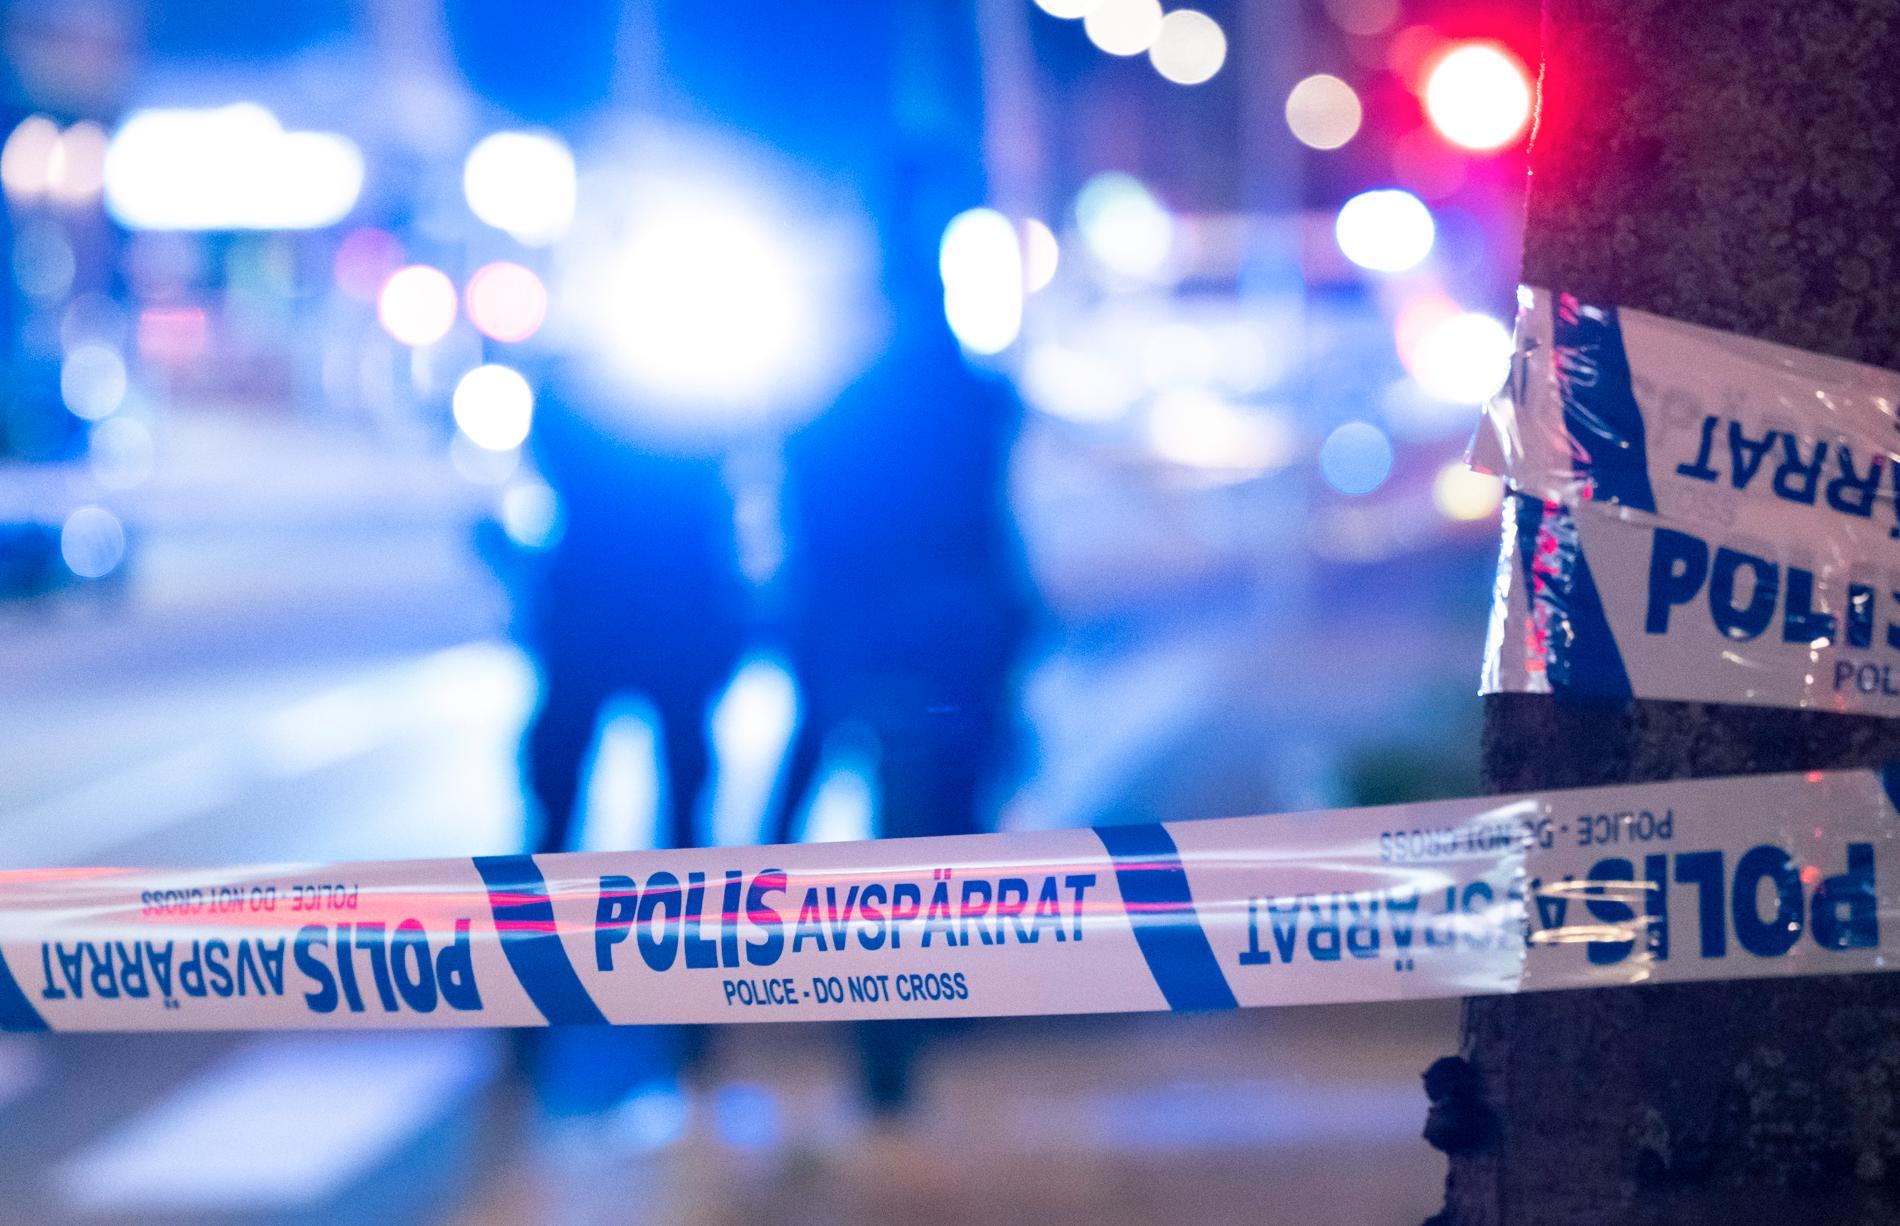 Det har varit en stökig natt i Linköping där flera grova brott i begåtts. Flera personer är gripna och brotten misstänks ha kopplingar till varandra. Arkivbild.